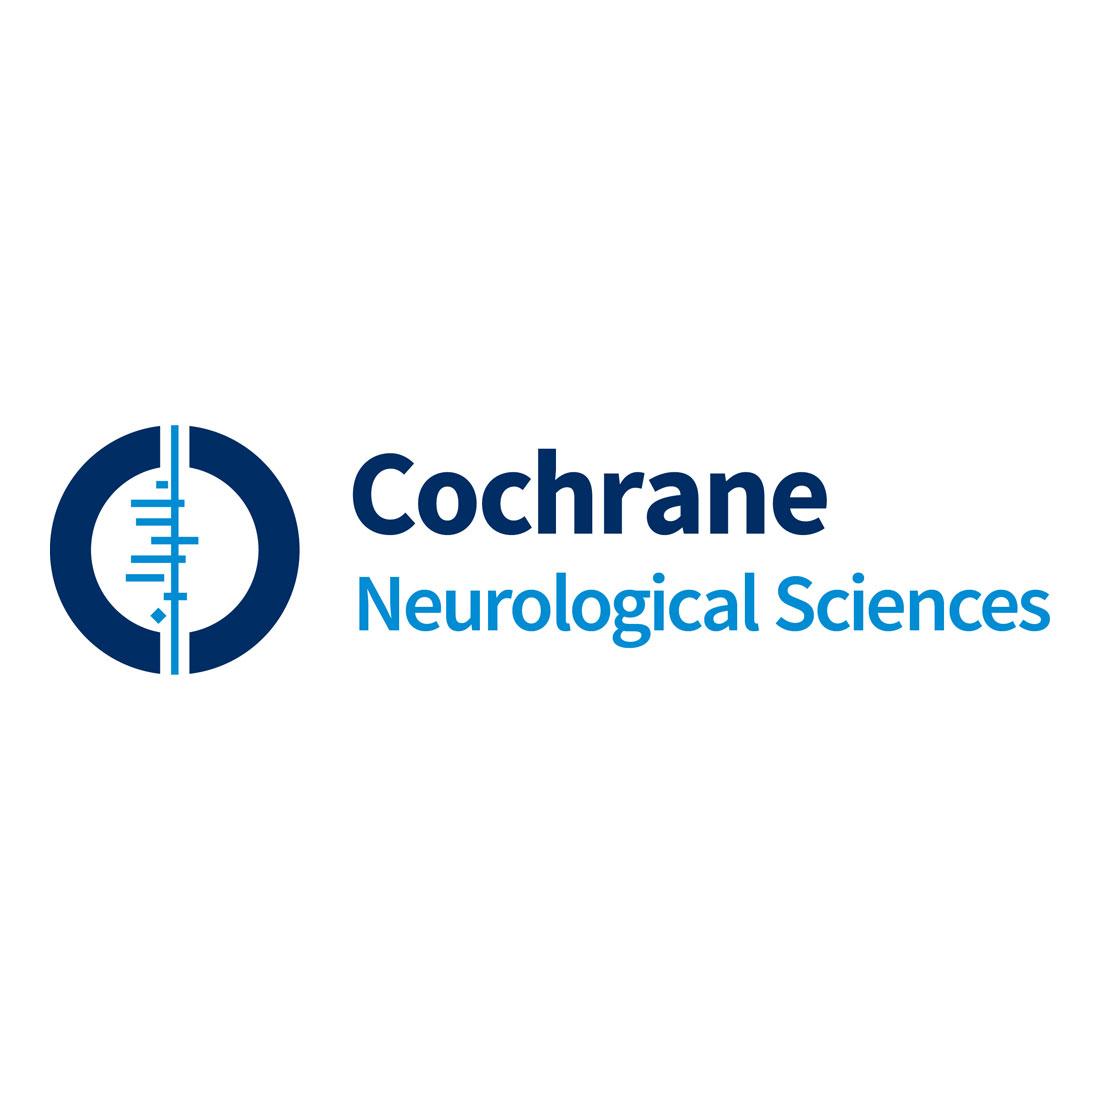 Non sottoporre a elettroencefalogramma (EEG) pazienti che abbiano manifestato solo transitoria perdita di coscienza e presentino esame neurologico normale ed anamnesi negativa per sintomi epilettici.